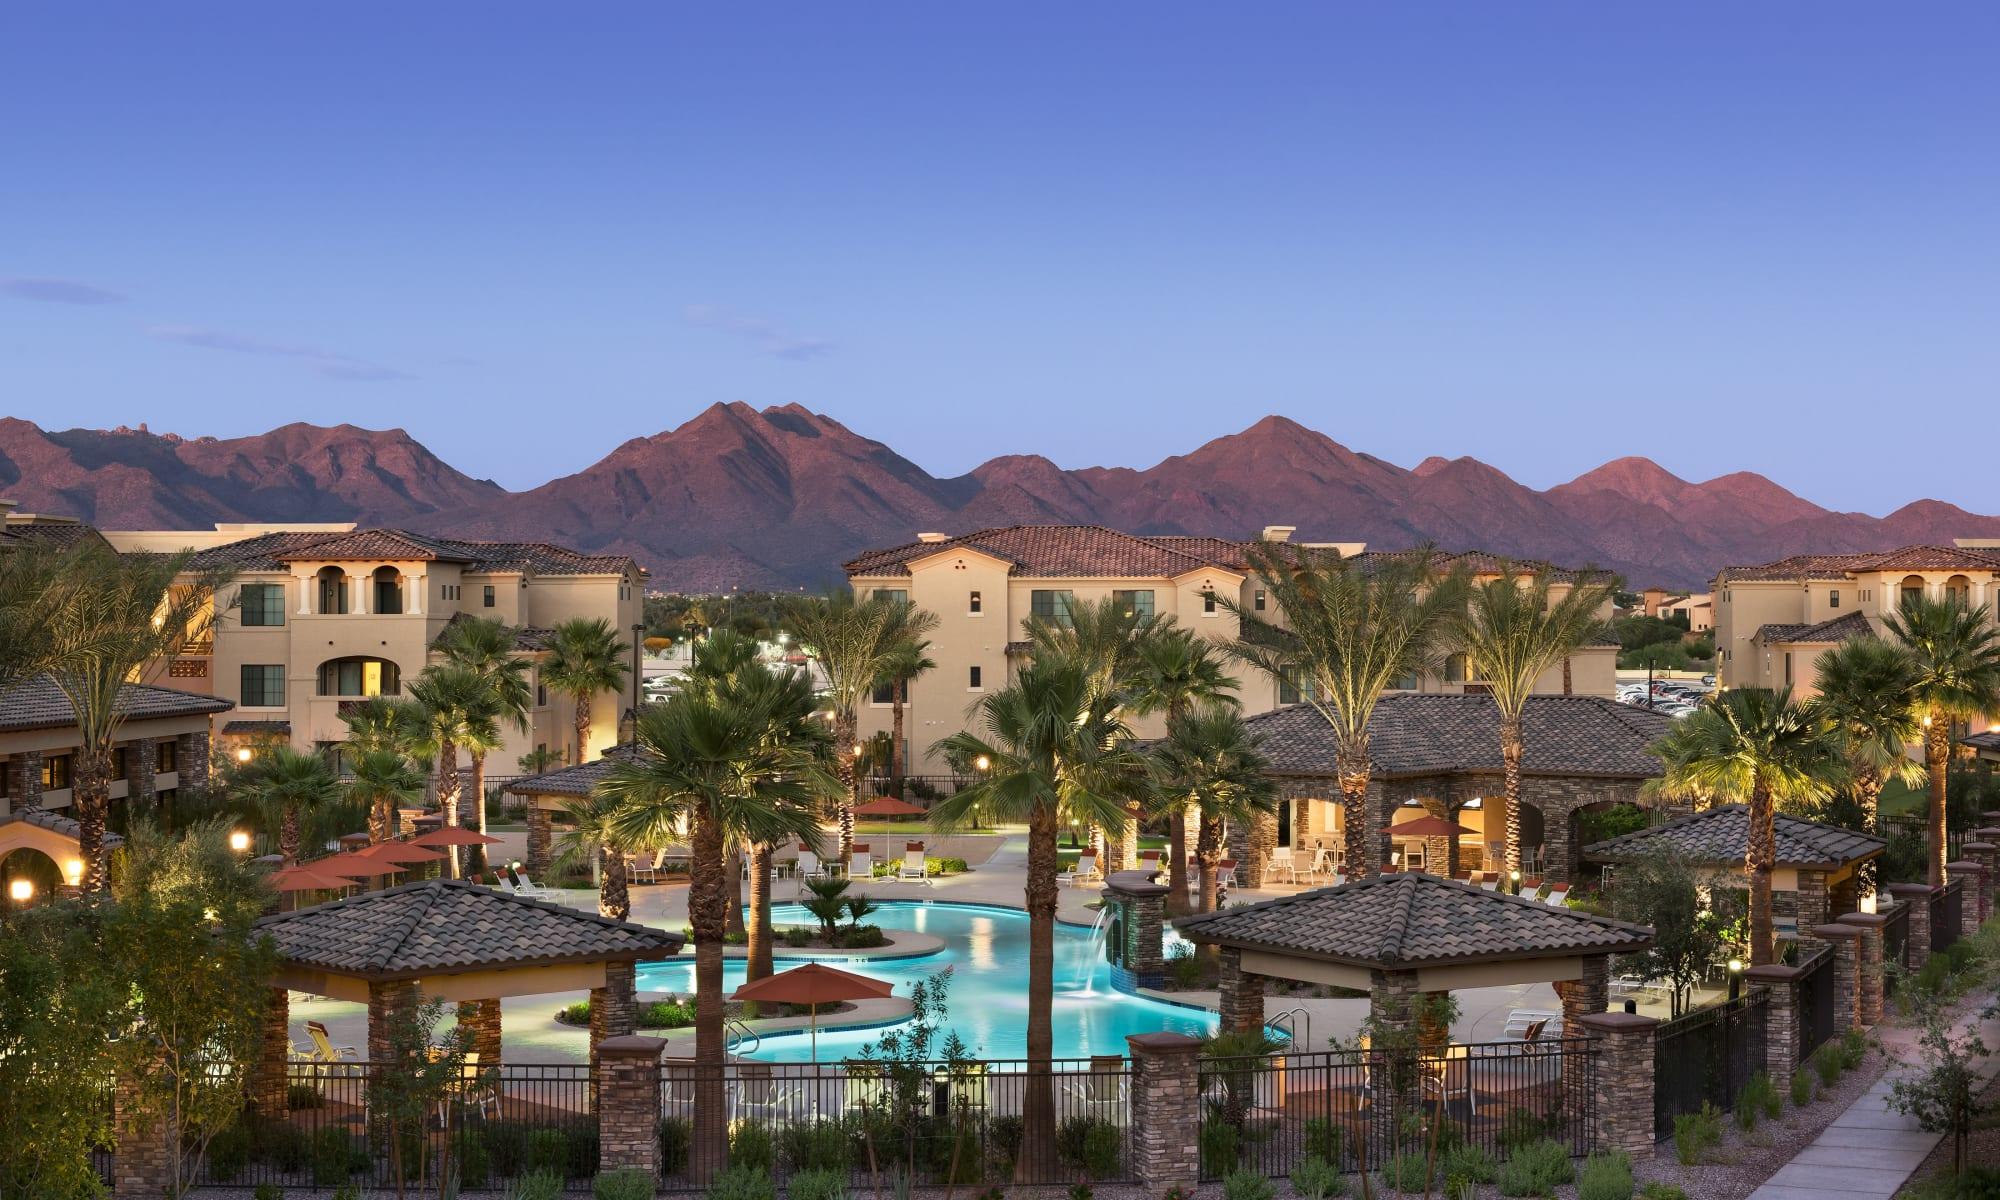 San Milan offers a luxury swimming pool in Phoenix, Arizona